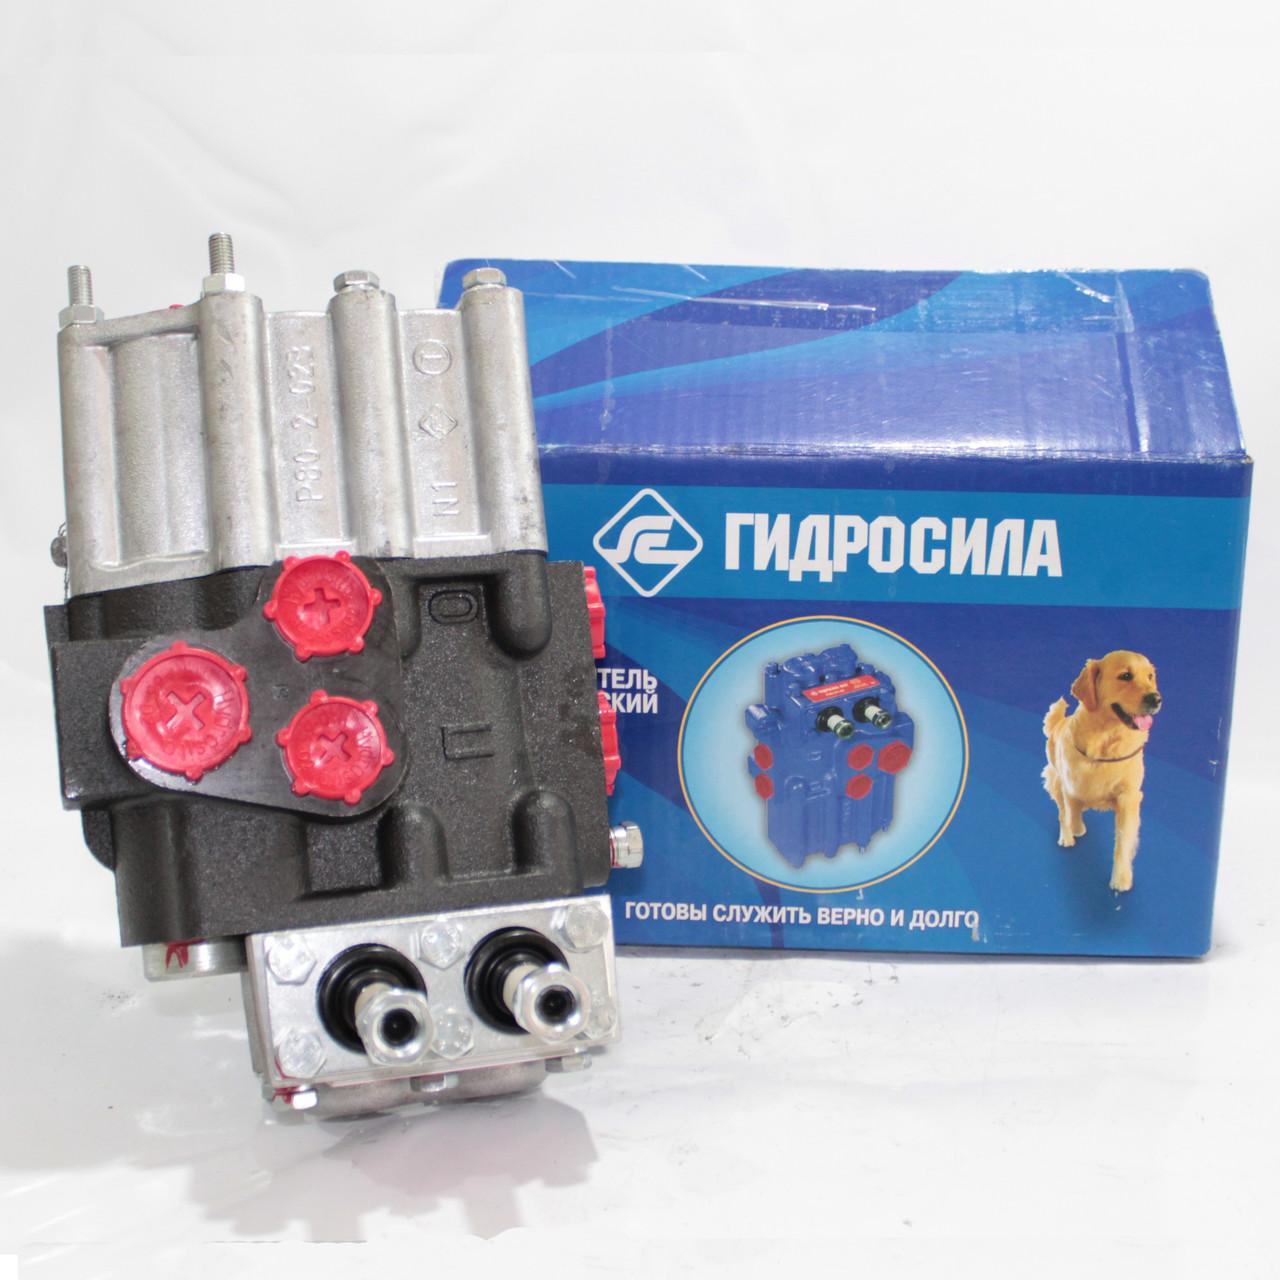 """Гидрораспределитель Р80-3/1-22 """"Гидросила"""" Т-25, Т-16"""